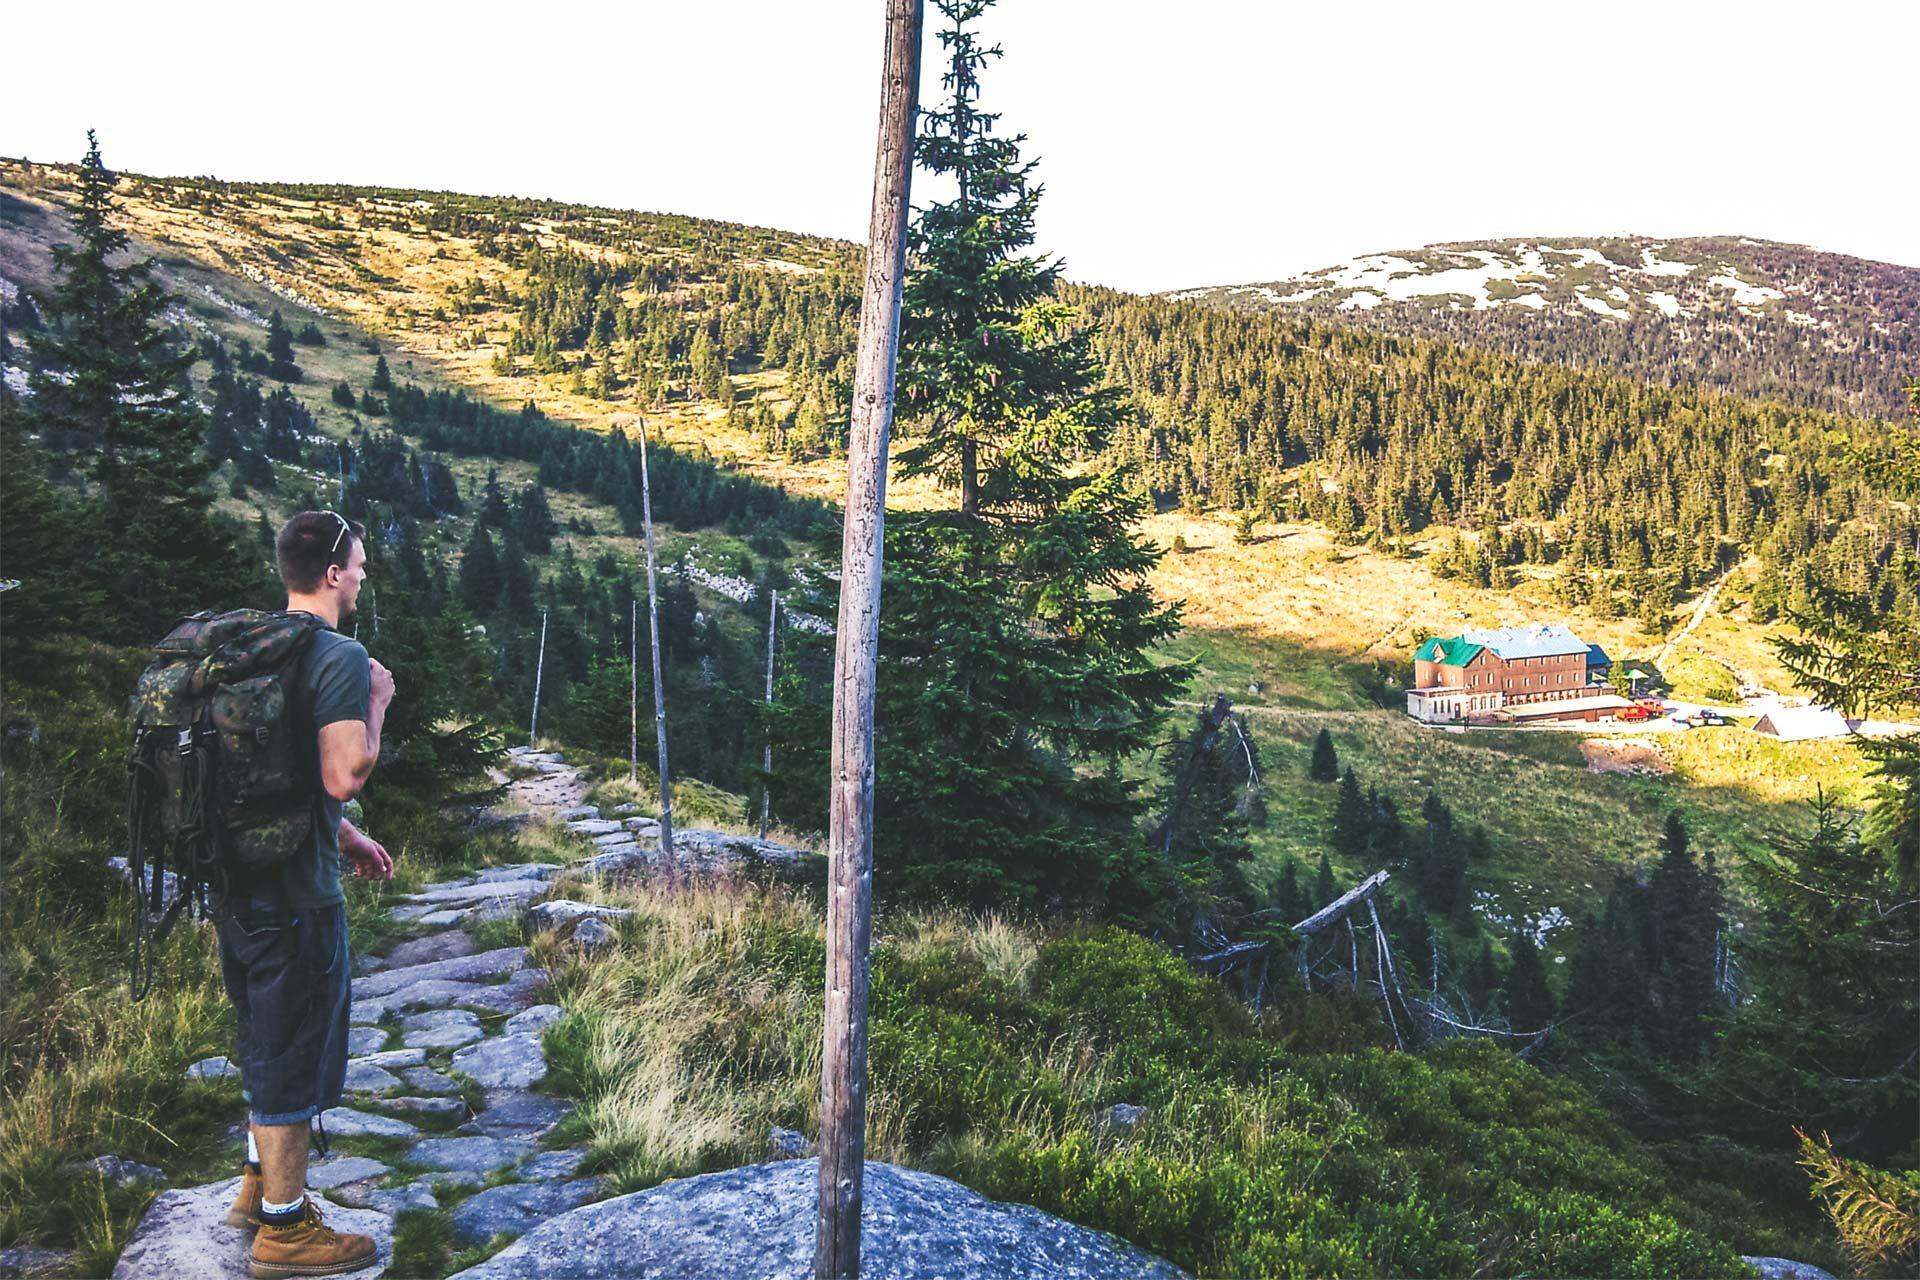 Ziel nach 19 Kilometern und mehr als 600 Höhenmeter: die Martinova Bouda, Martinsbaude.